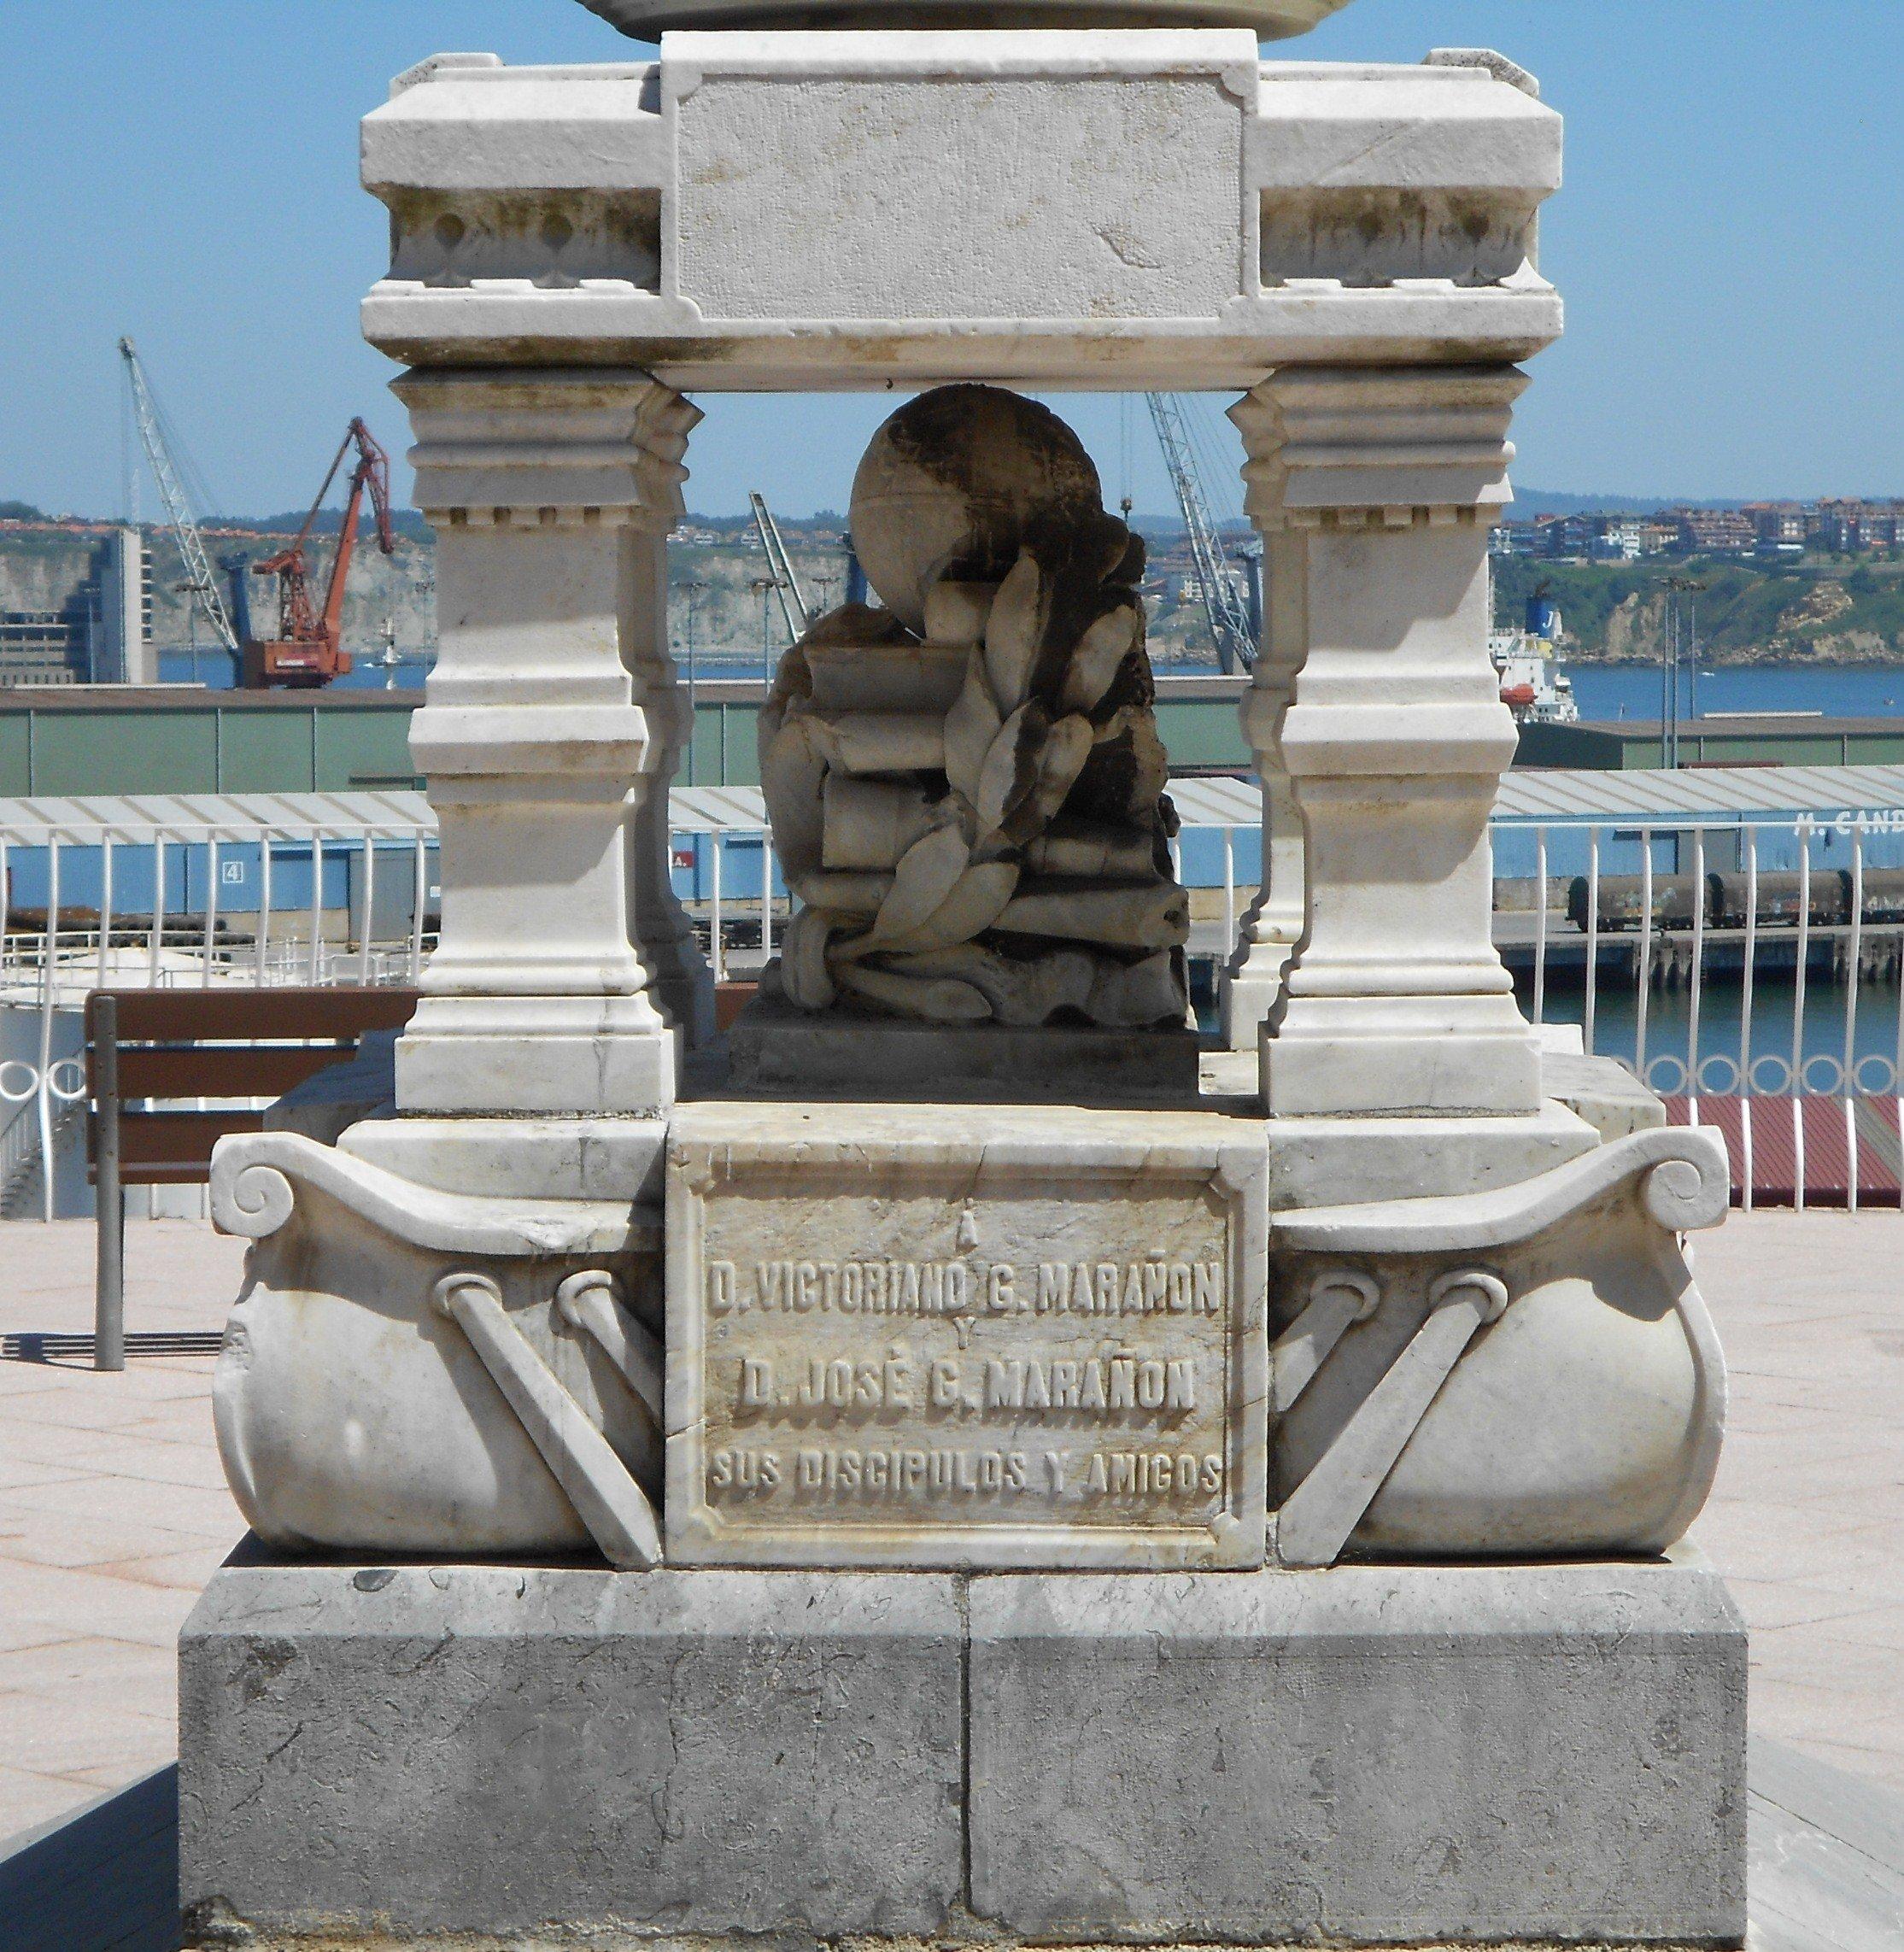 Monumento a los Hnos. Gómez-Marañón-14